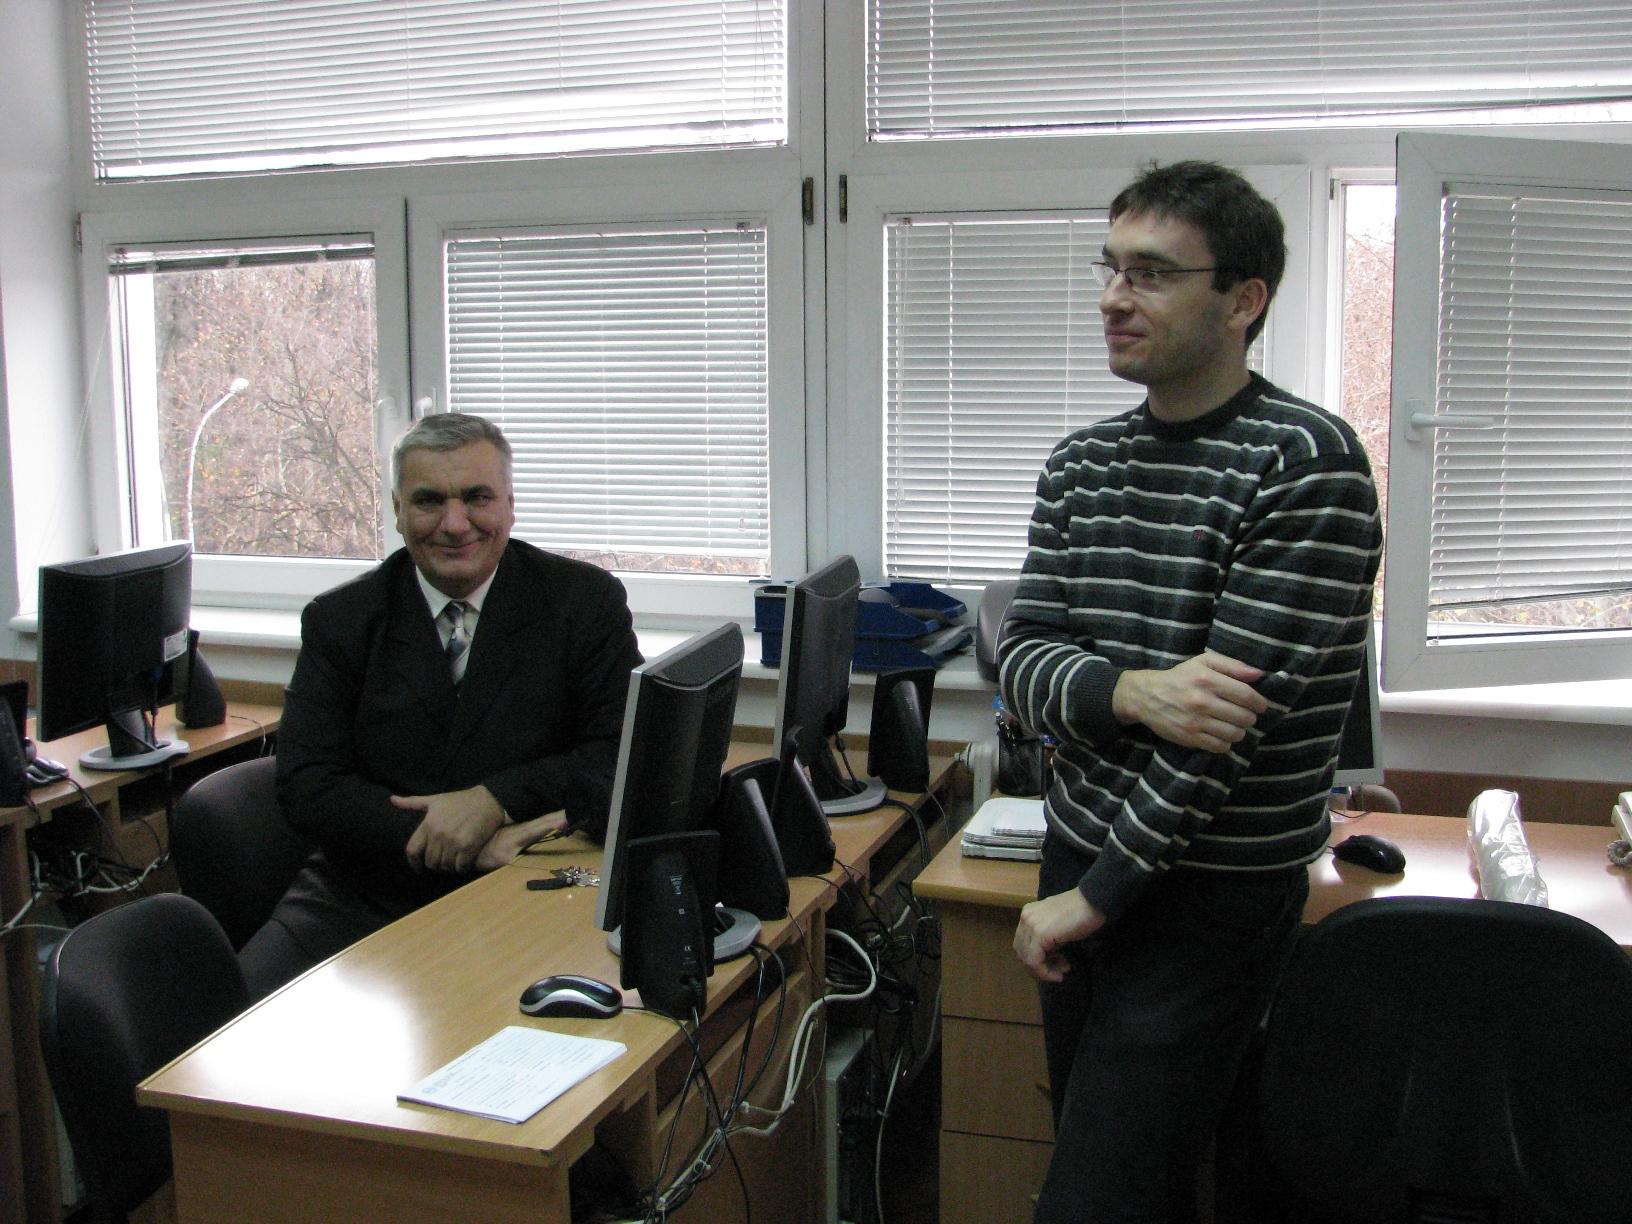 1-_pripreme_za_predavanje_prof.dr_bozidar_radenkovic_i_aleksandar_milic